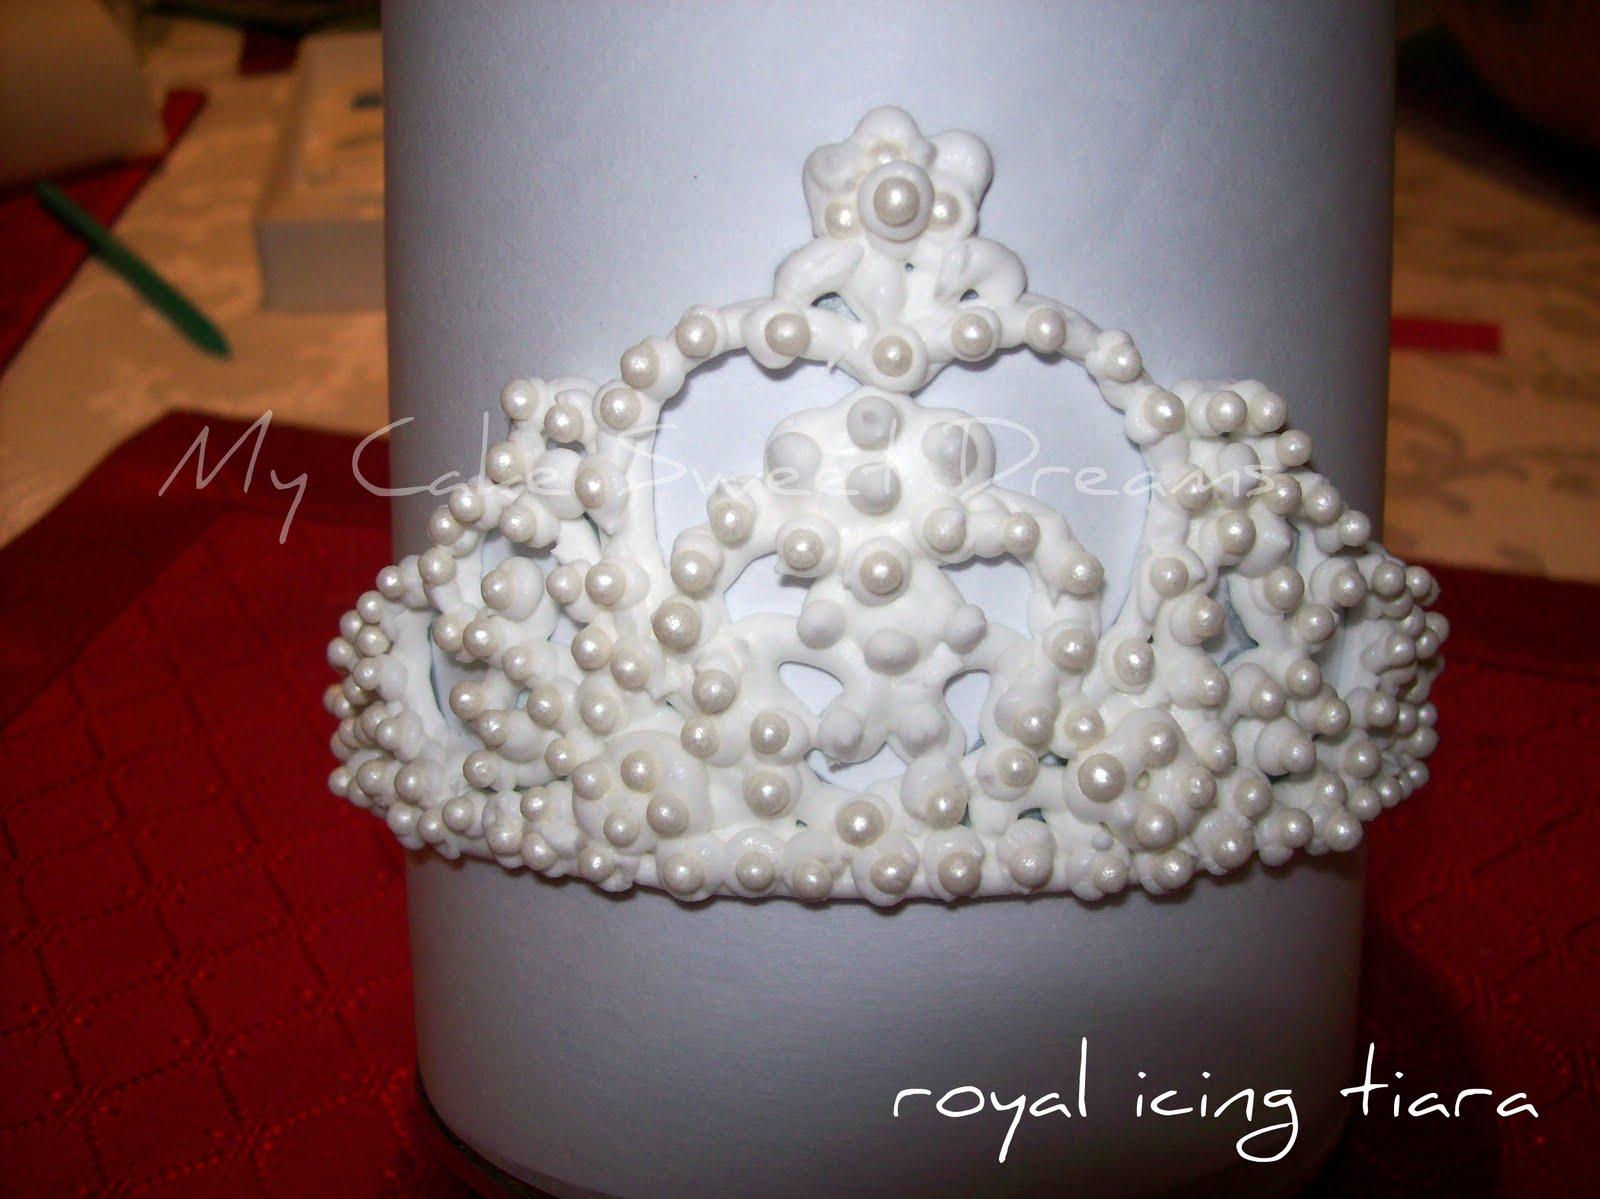 th royal icing royal icing for sugar cook i es royal icing w i th ...